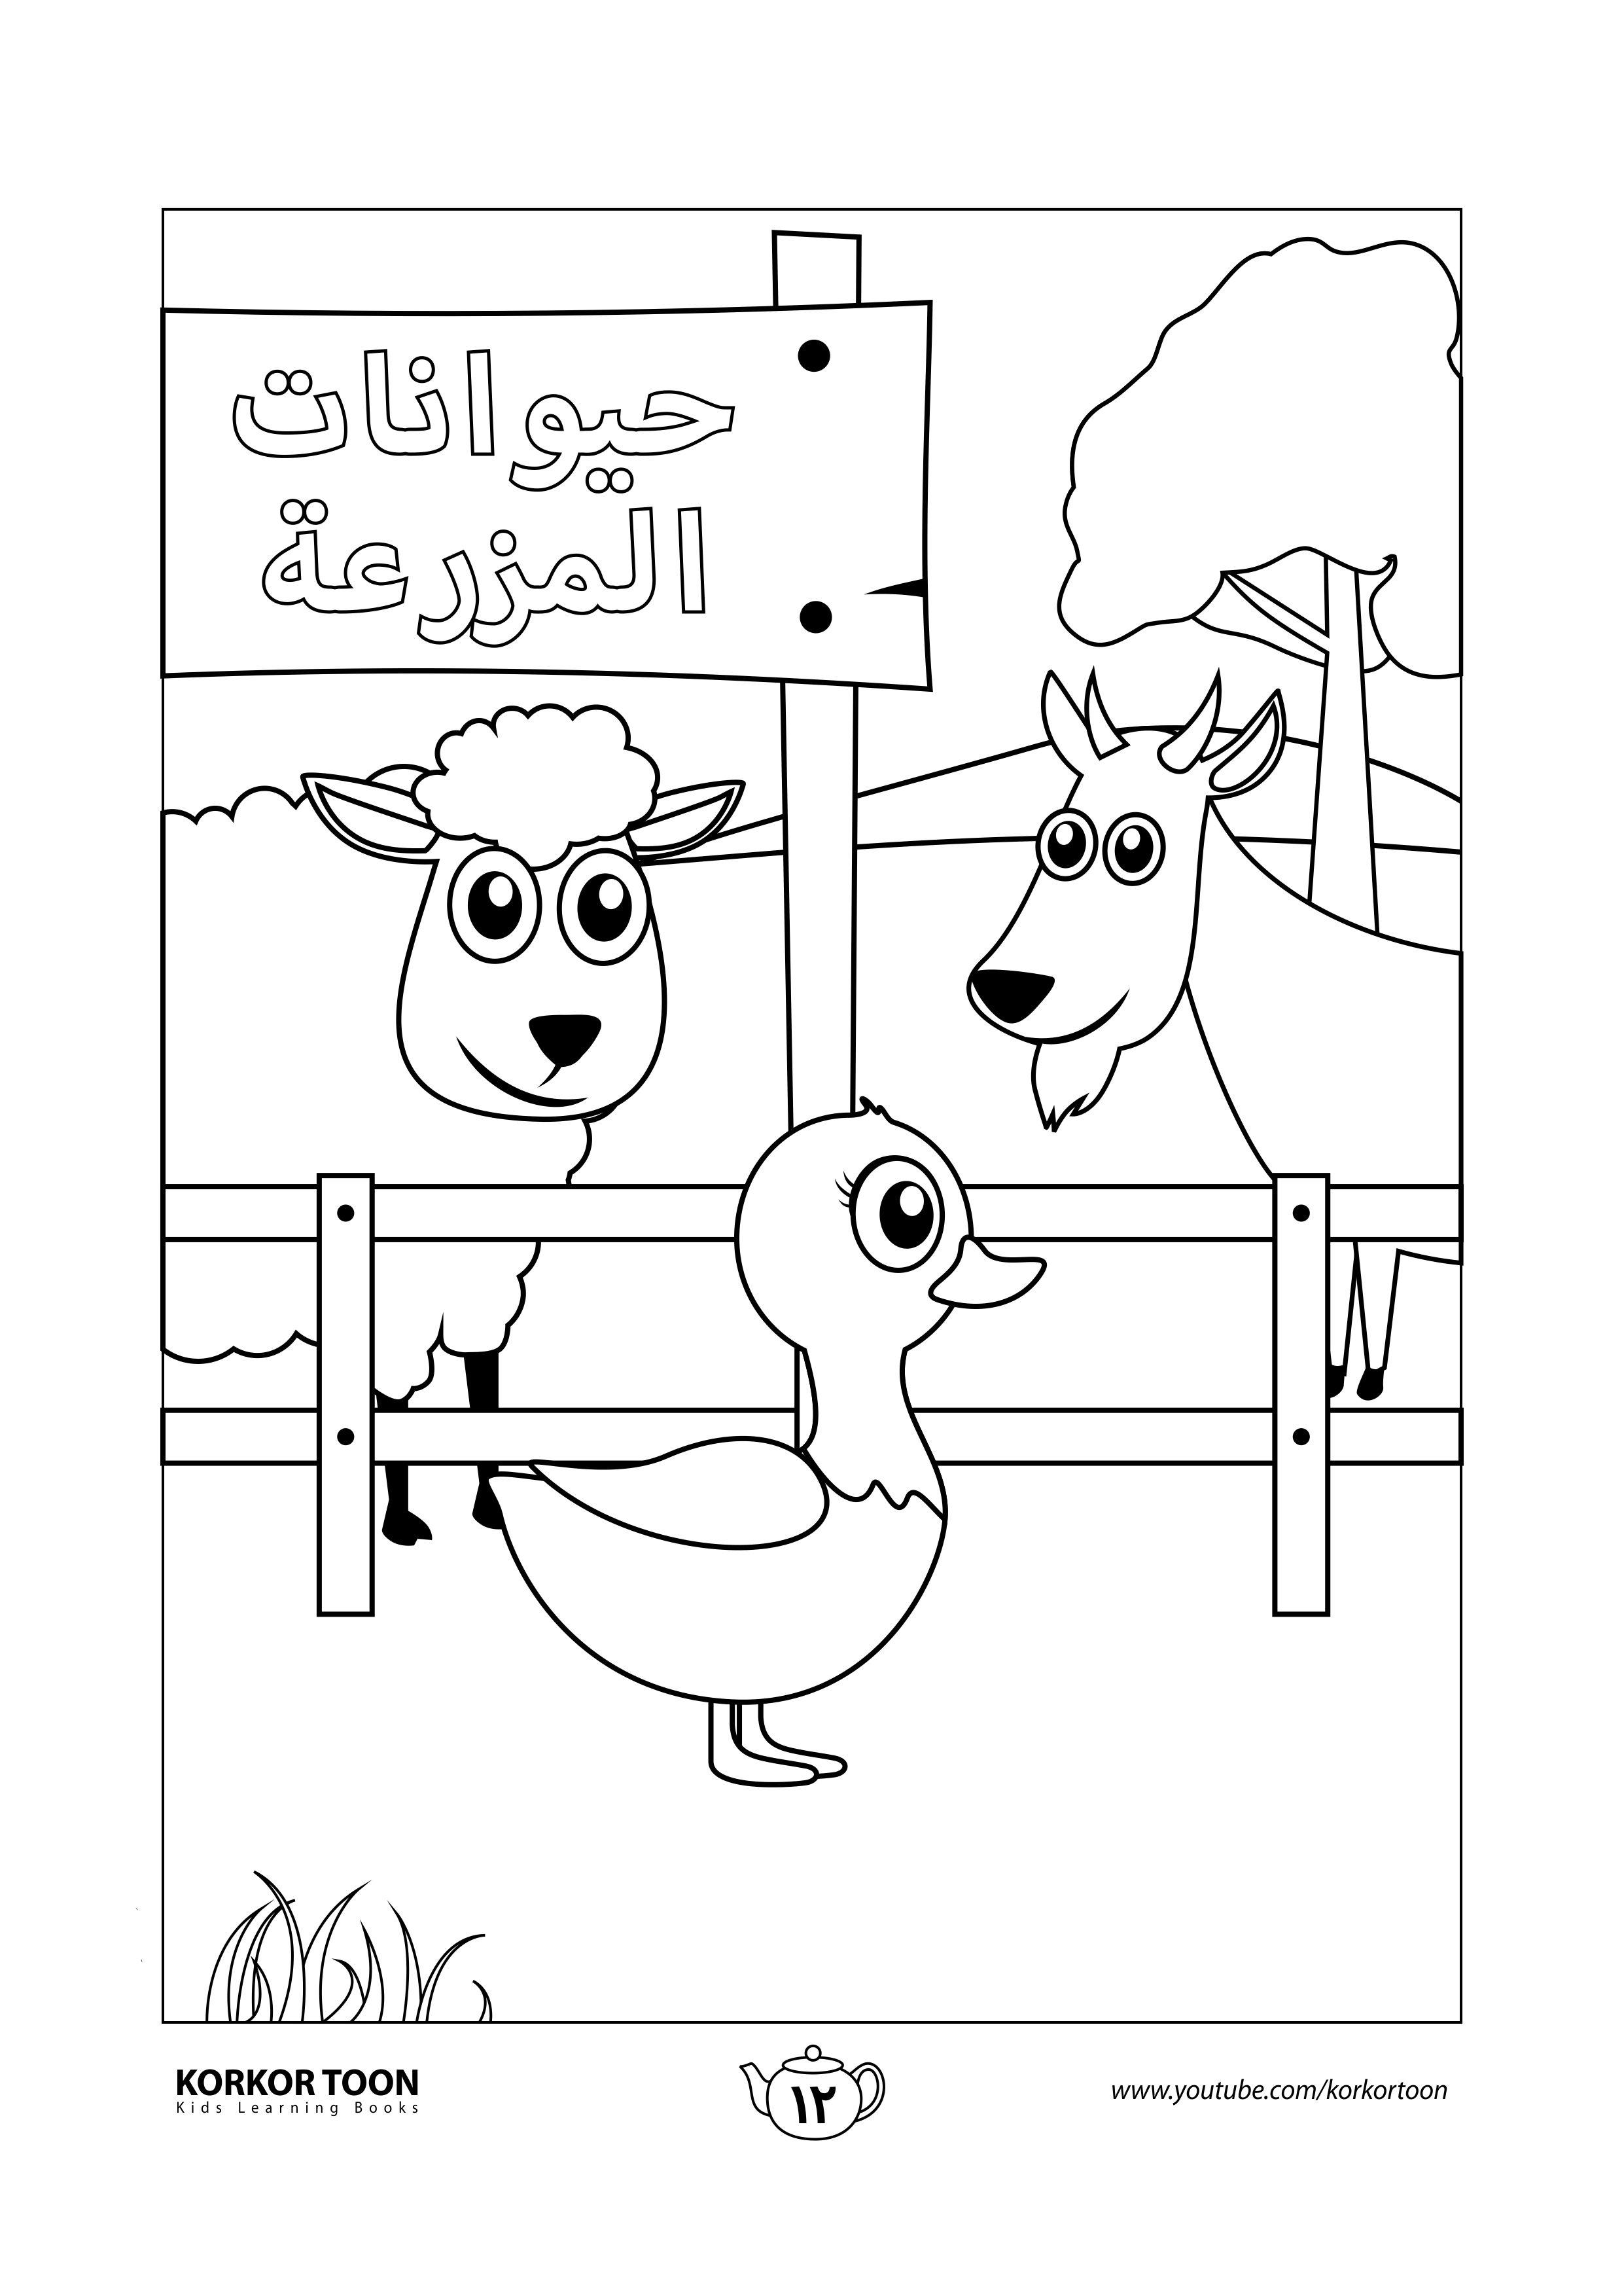 كتاب تلوين حيوانات المزرعة صفحة 12 Coloring Books Animal Coloring Books Kids Coloring Books